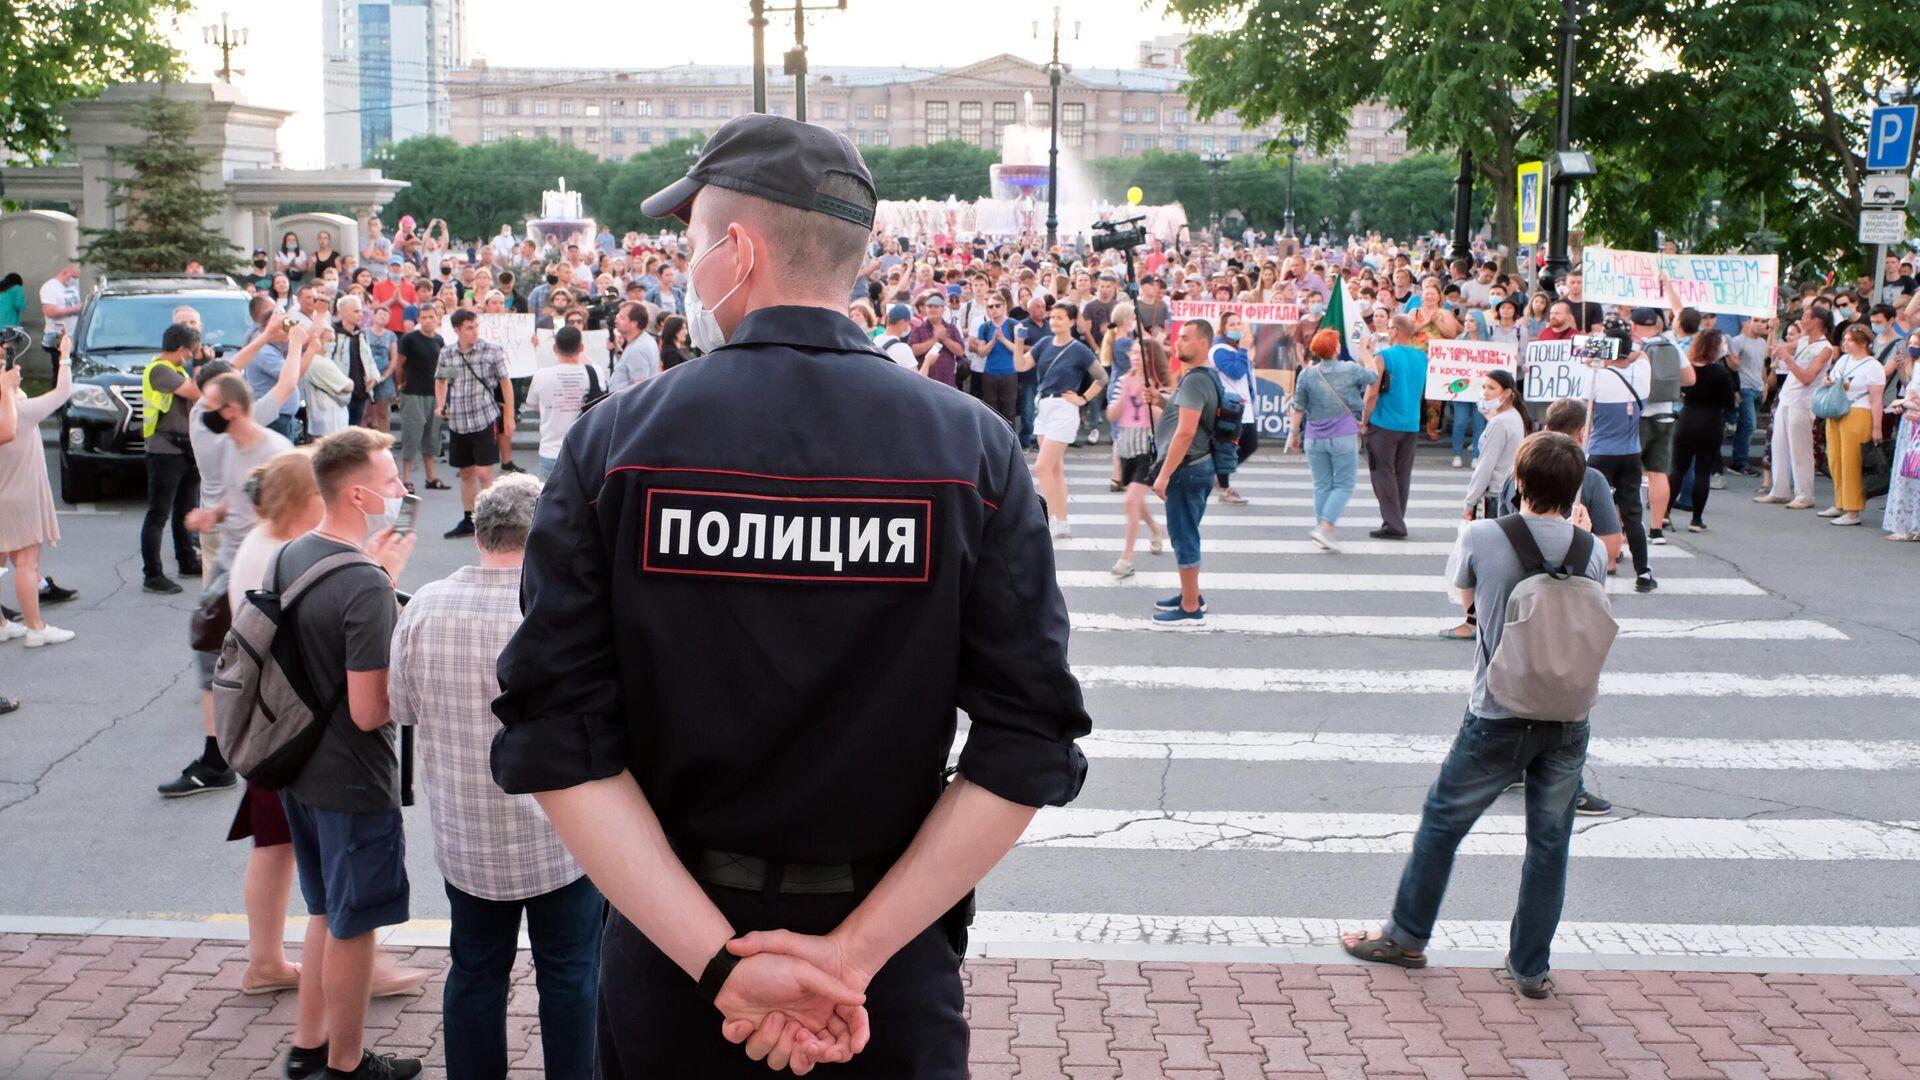 Несанкционированный митинг в Хабаровске - РИА Новости, 1920, 19.09.2020